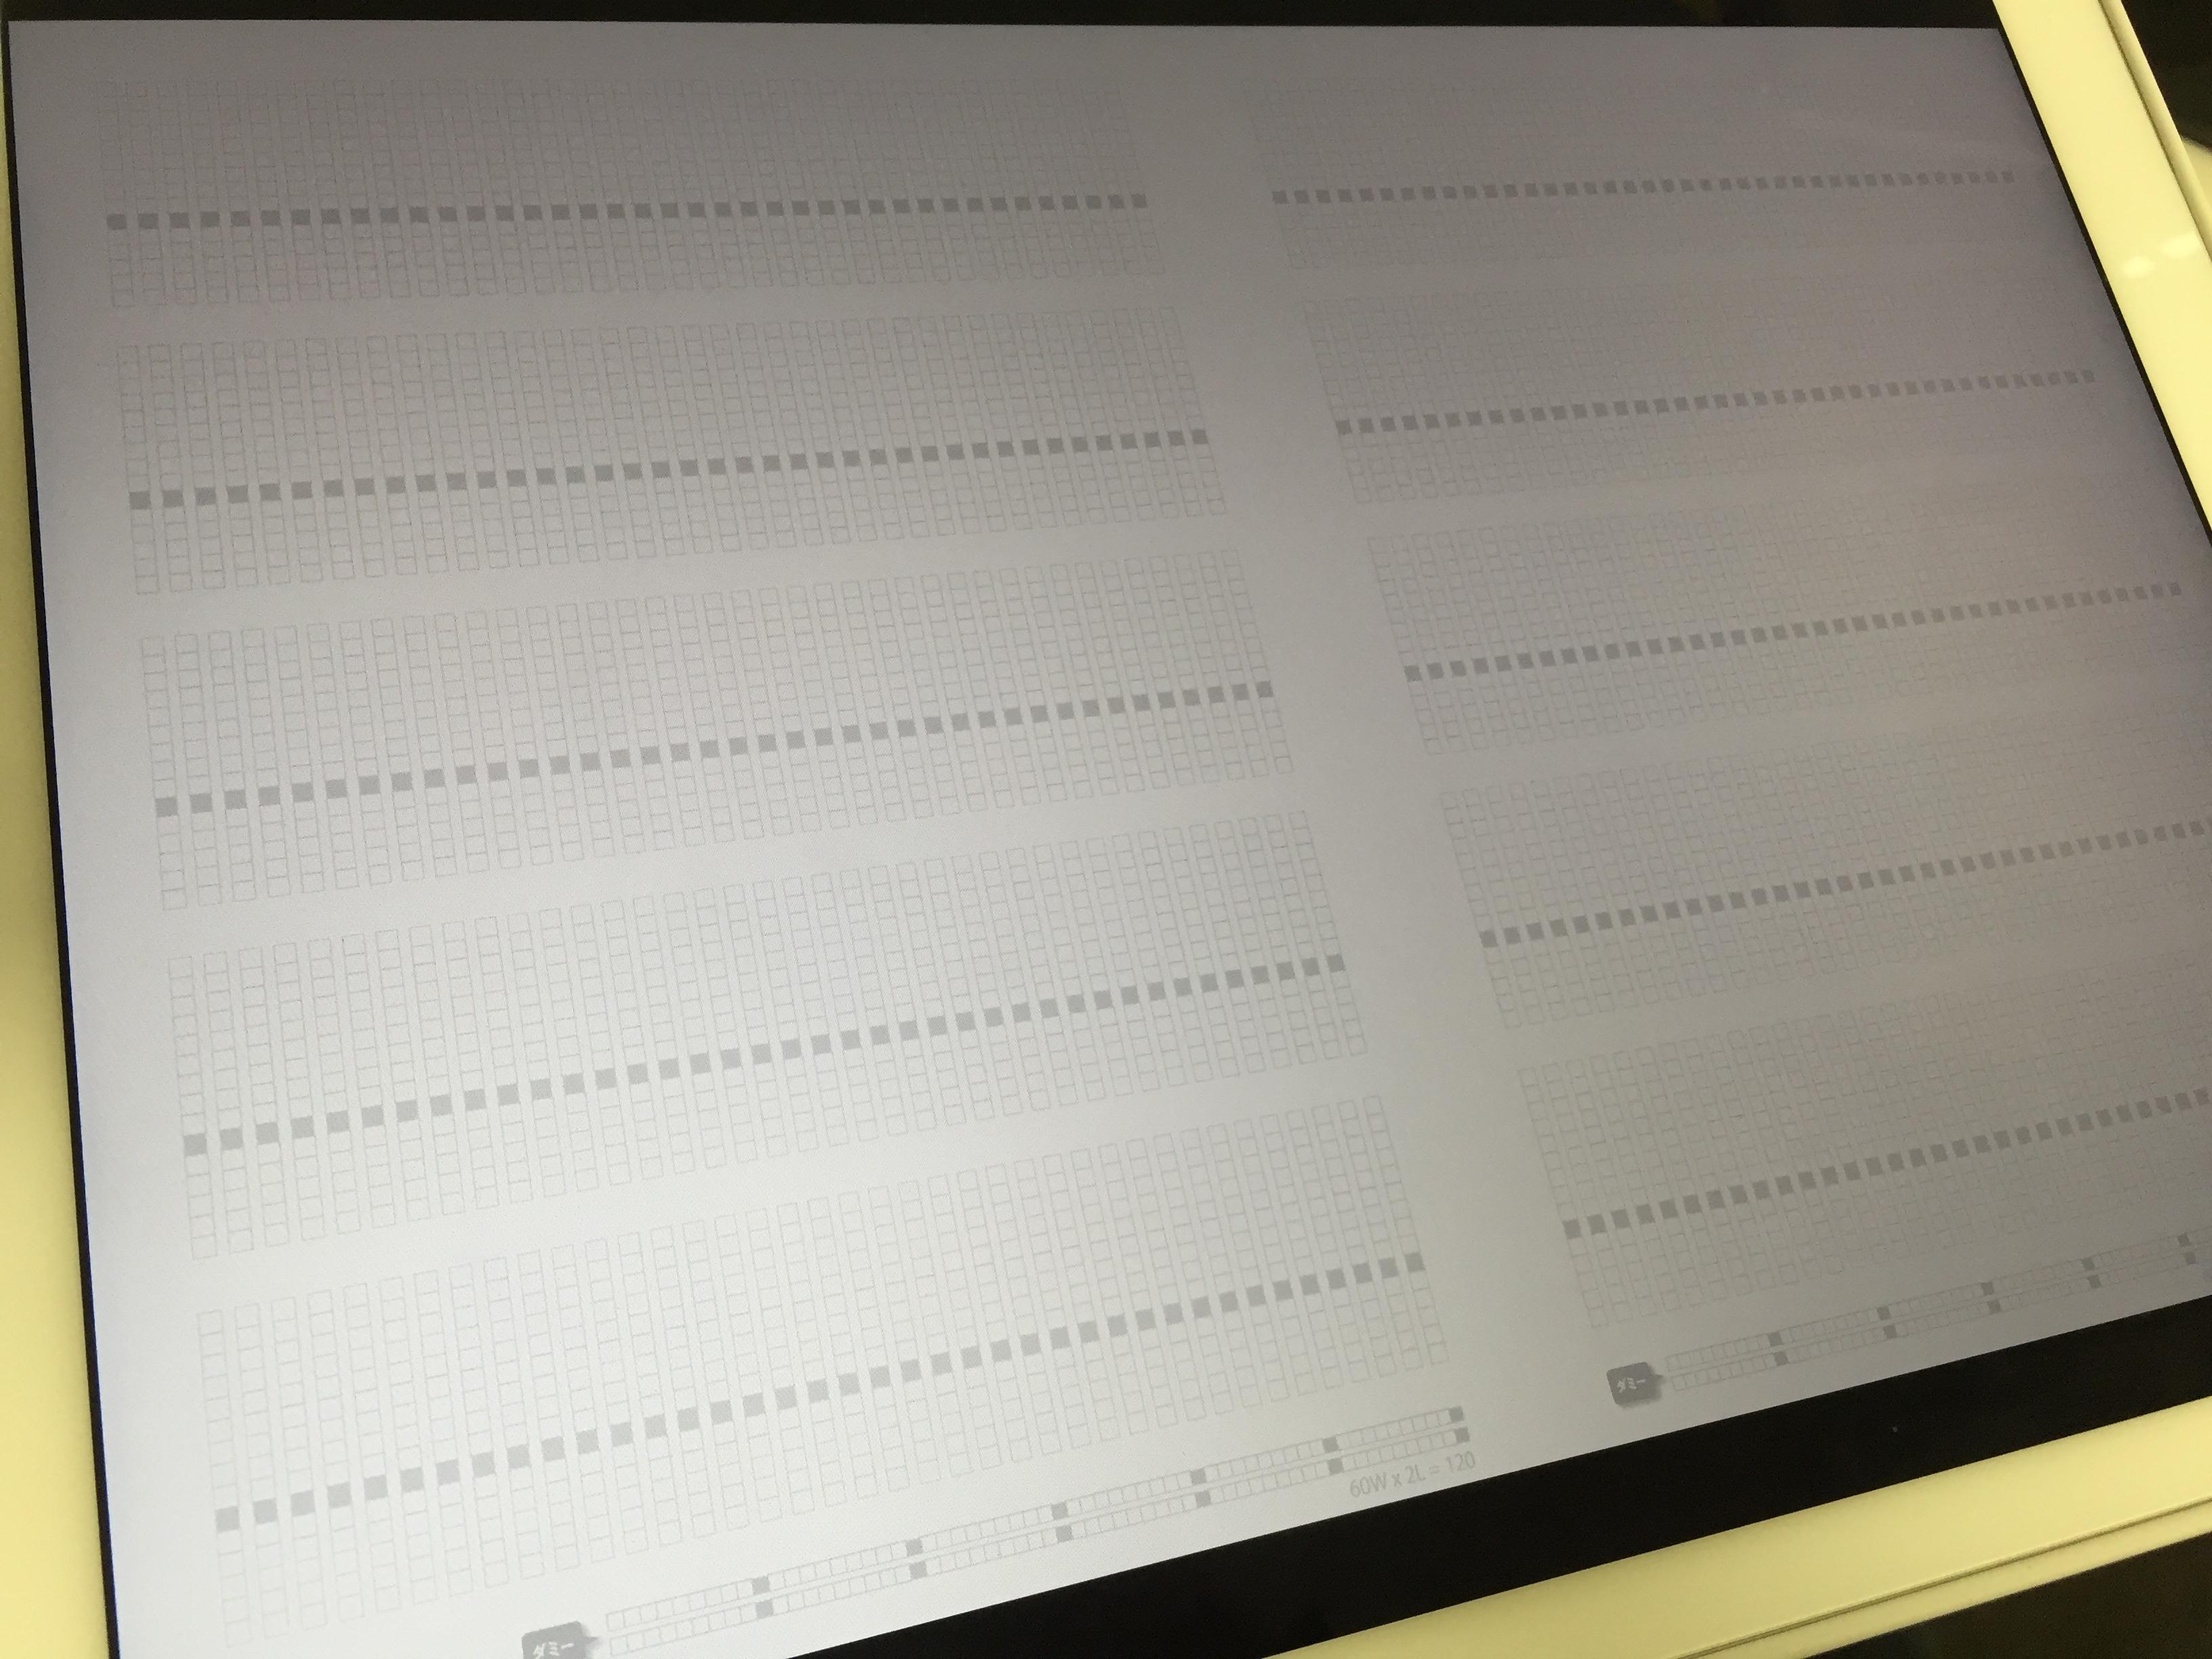 ワード pdf 変換 アプリ ipad